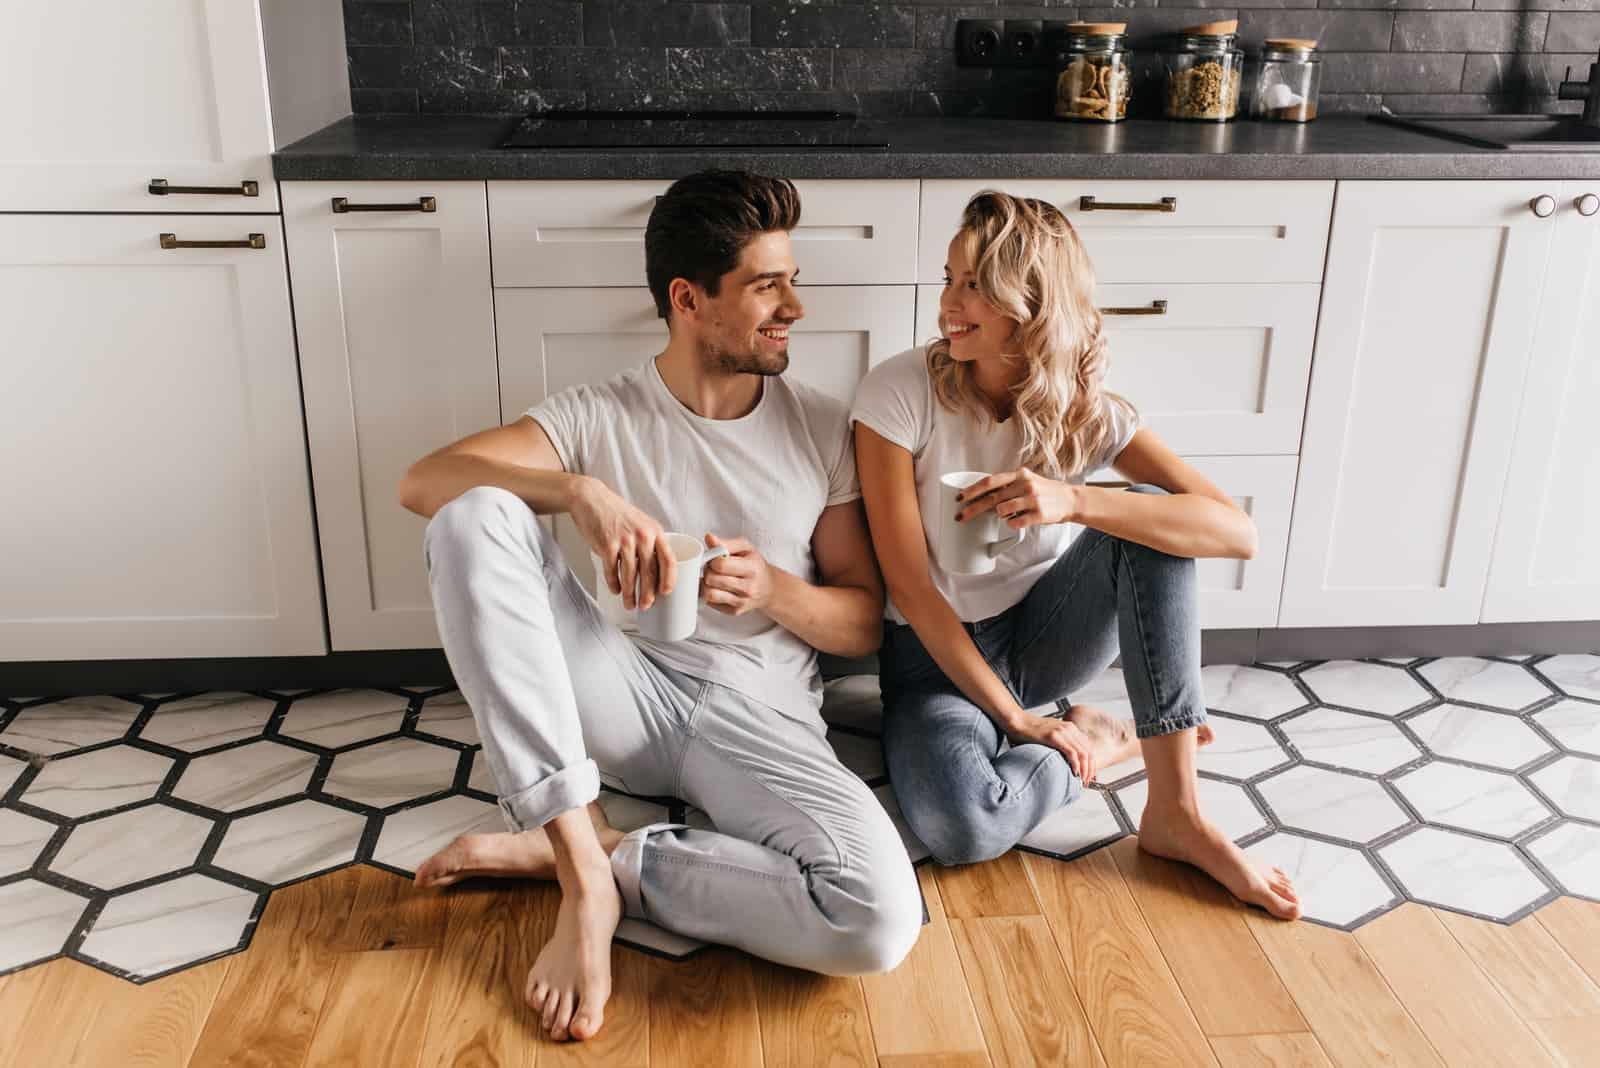 un homme et une femme s'assoient par terre et boivent du café